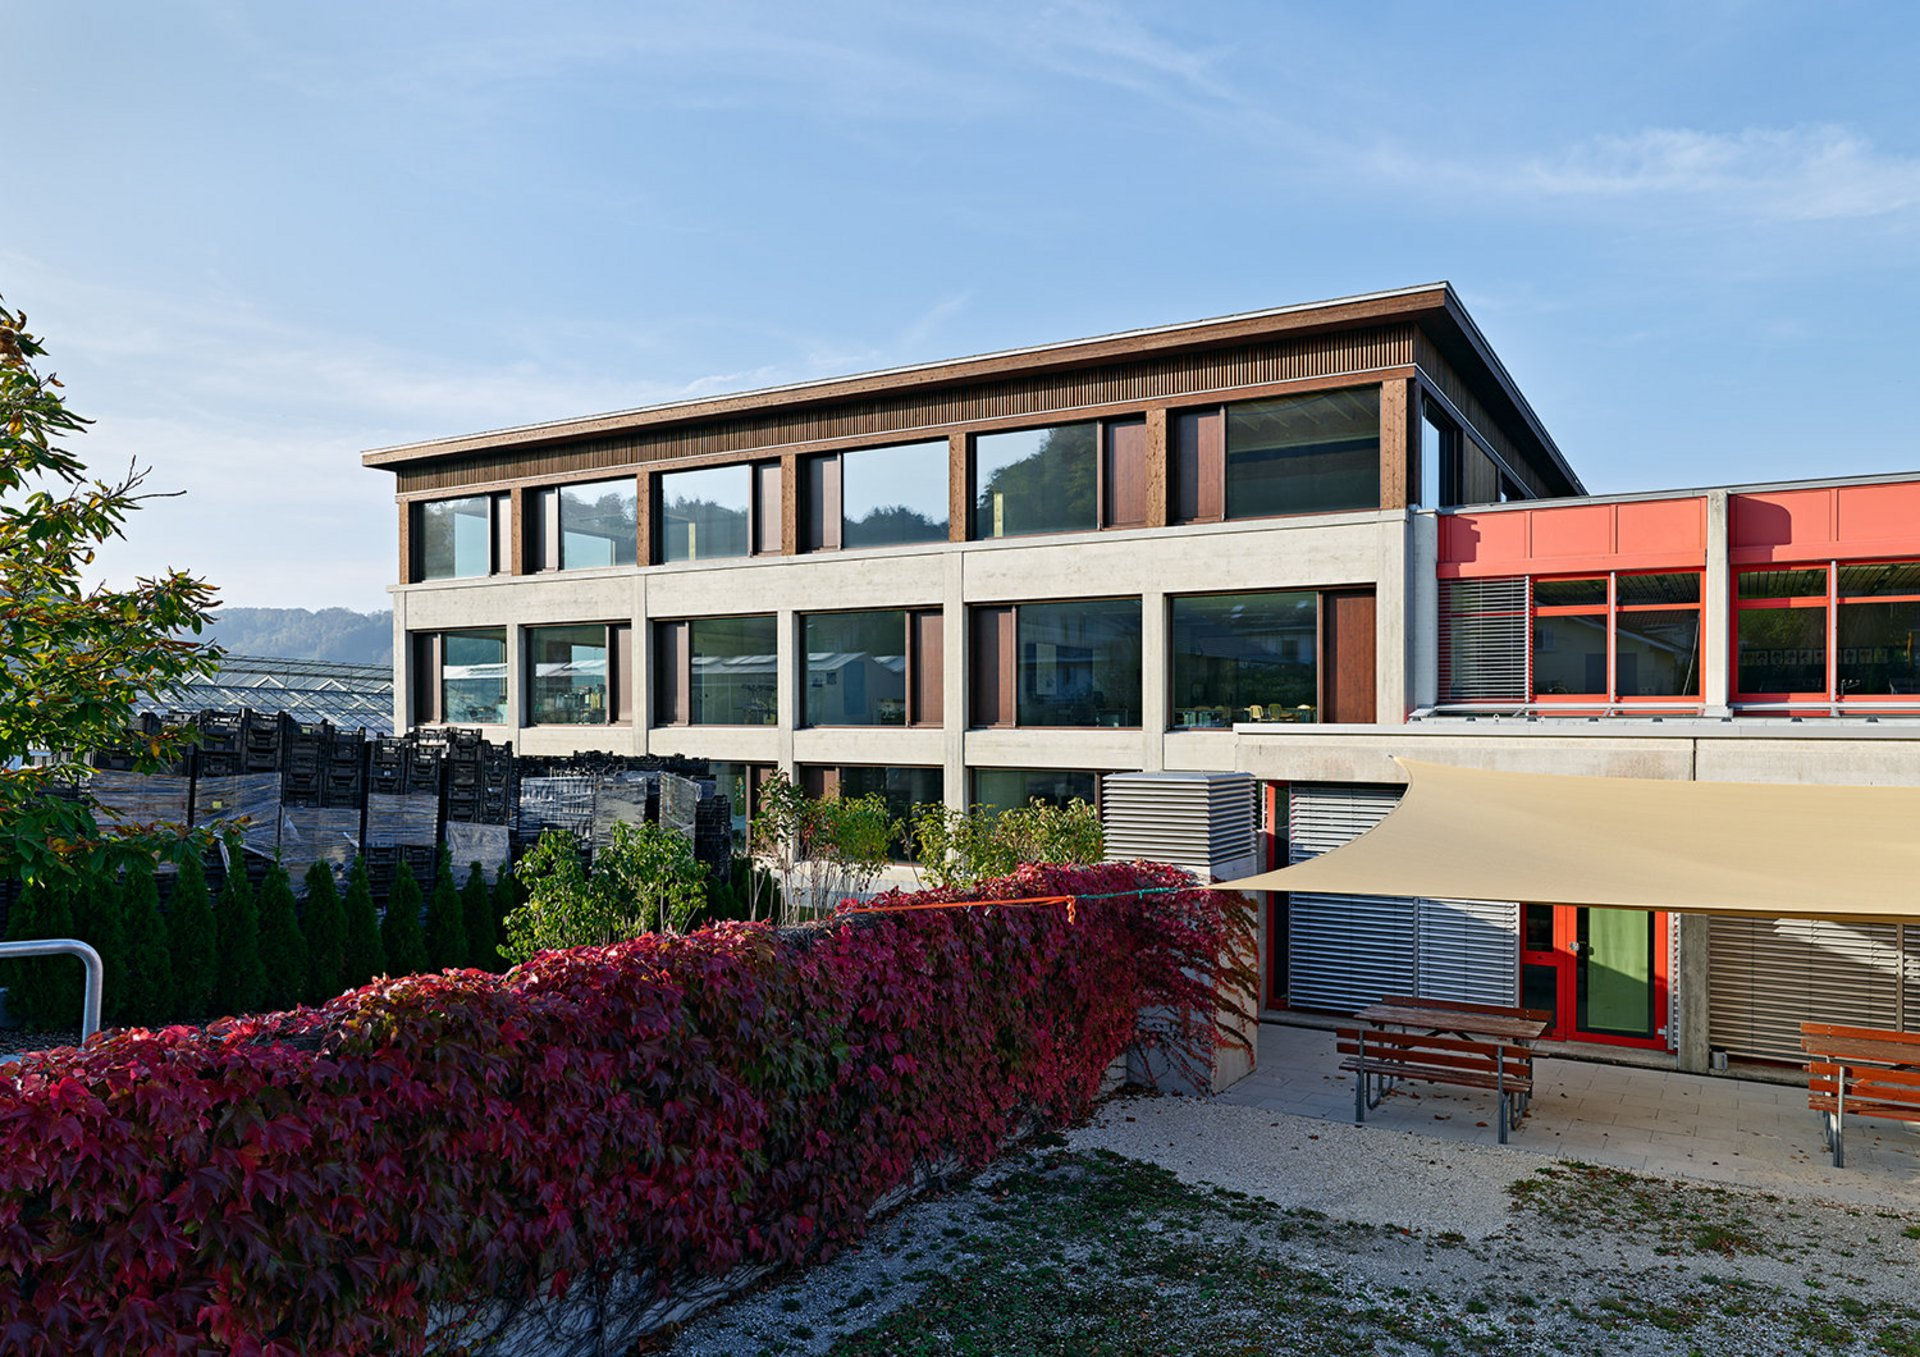 Schulhausanbau in Elementbauweise mit Fassade aus druckimprägnierter Weisstannenschalung